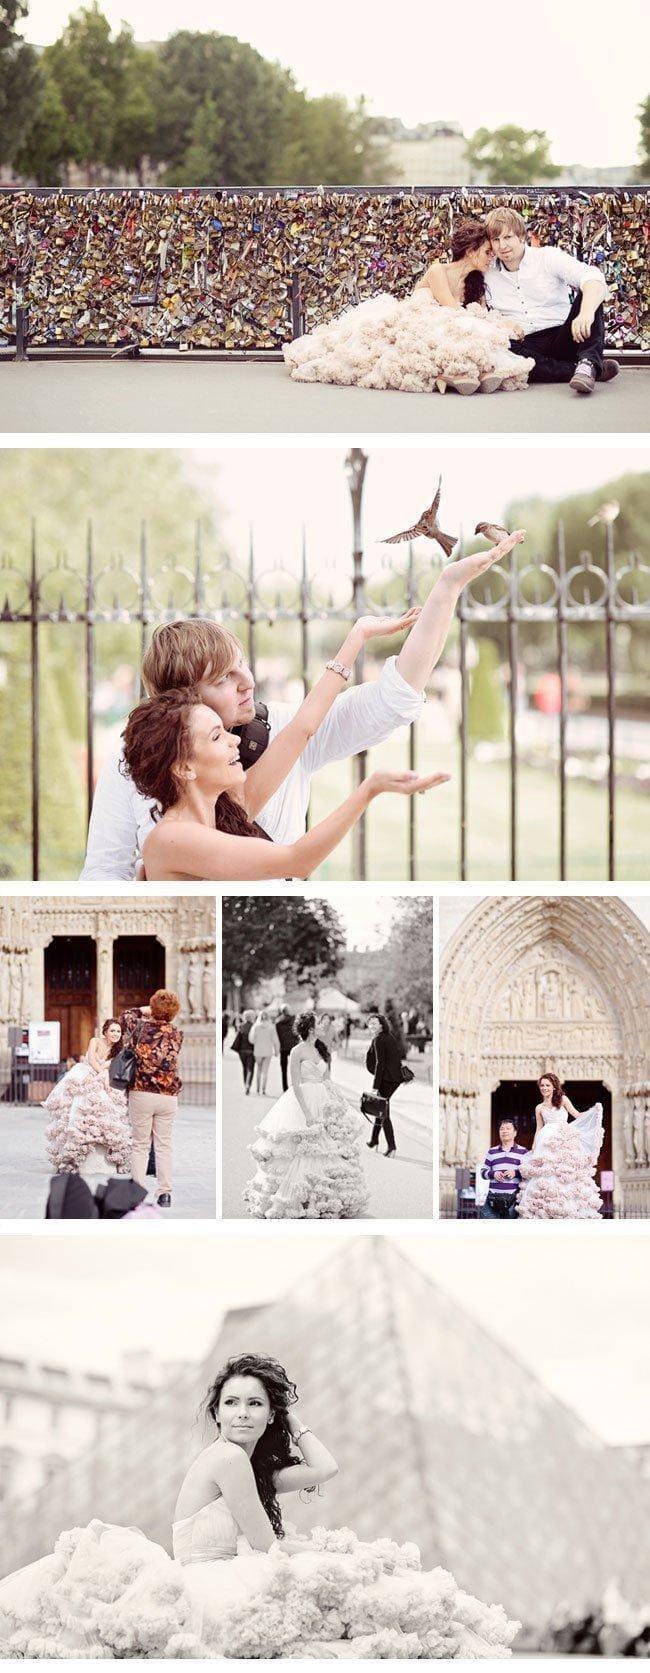 honeymoon-paris5_hochzeitsreise_nach_paris